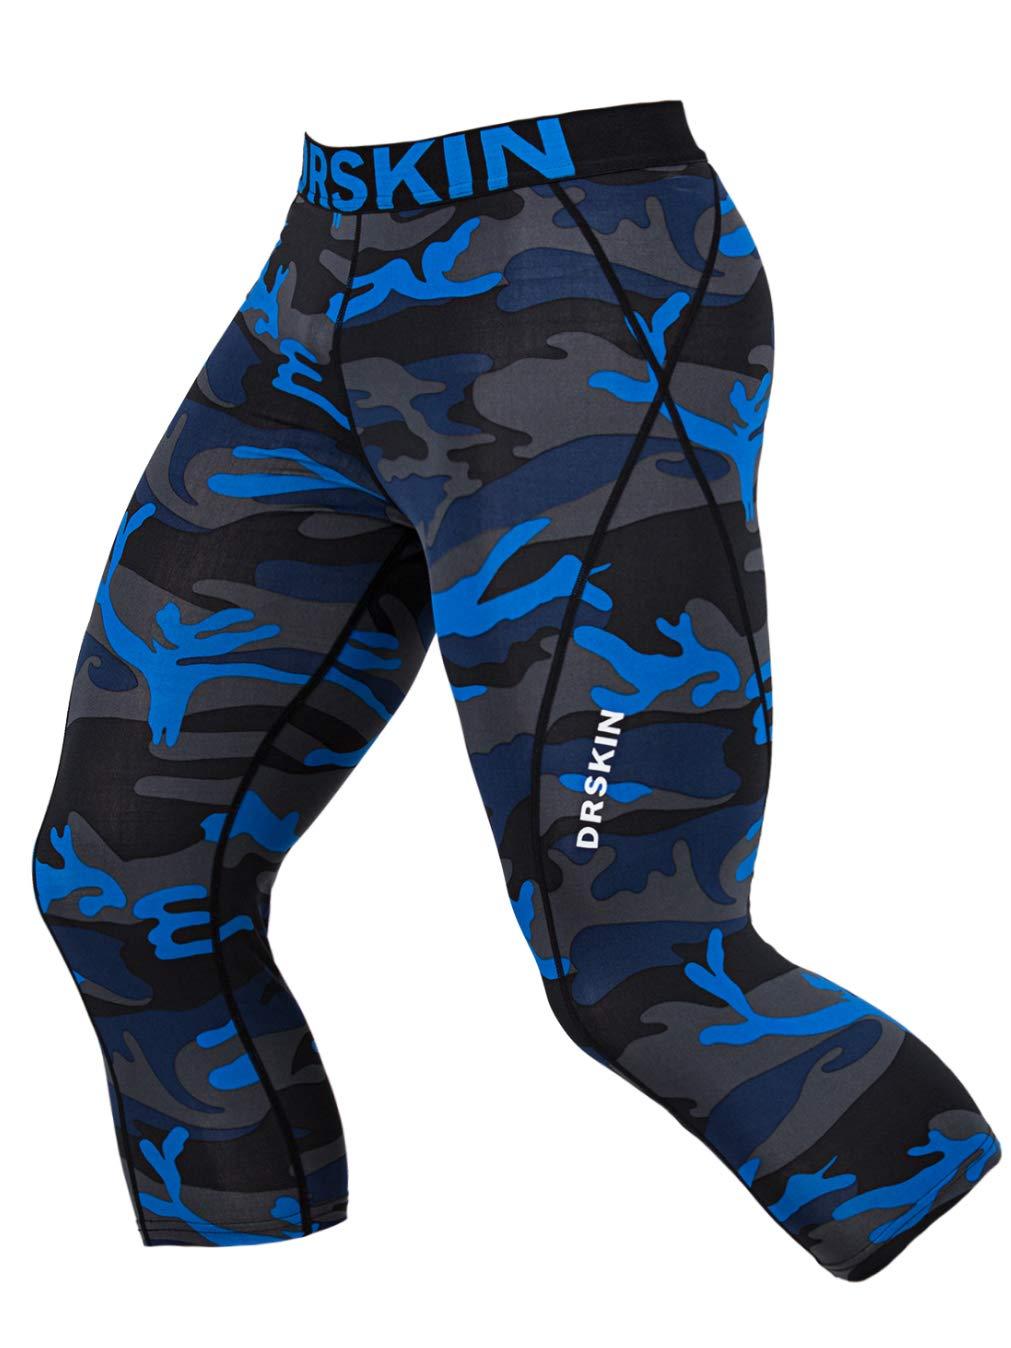 DRSKIN Men's 3/4 Compression Tight Pants Base Under